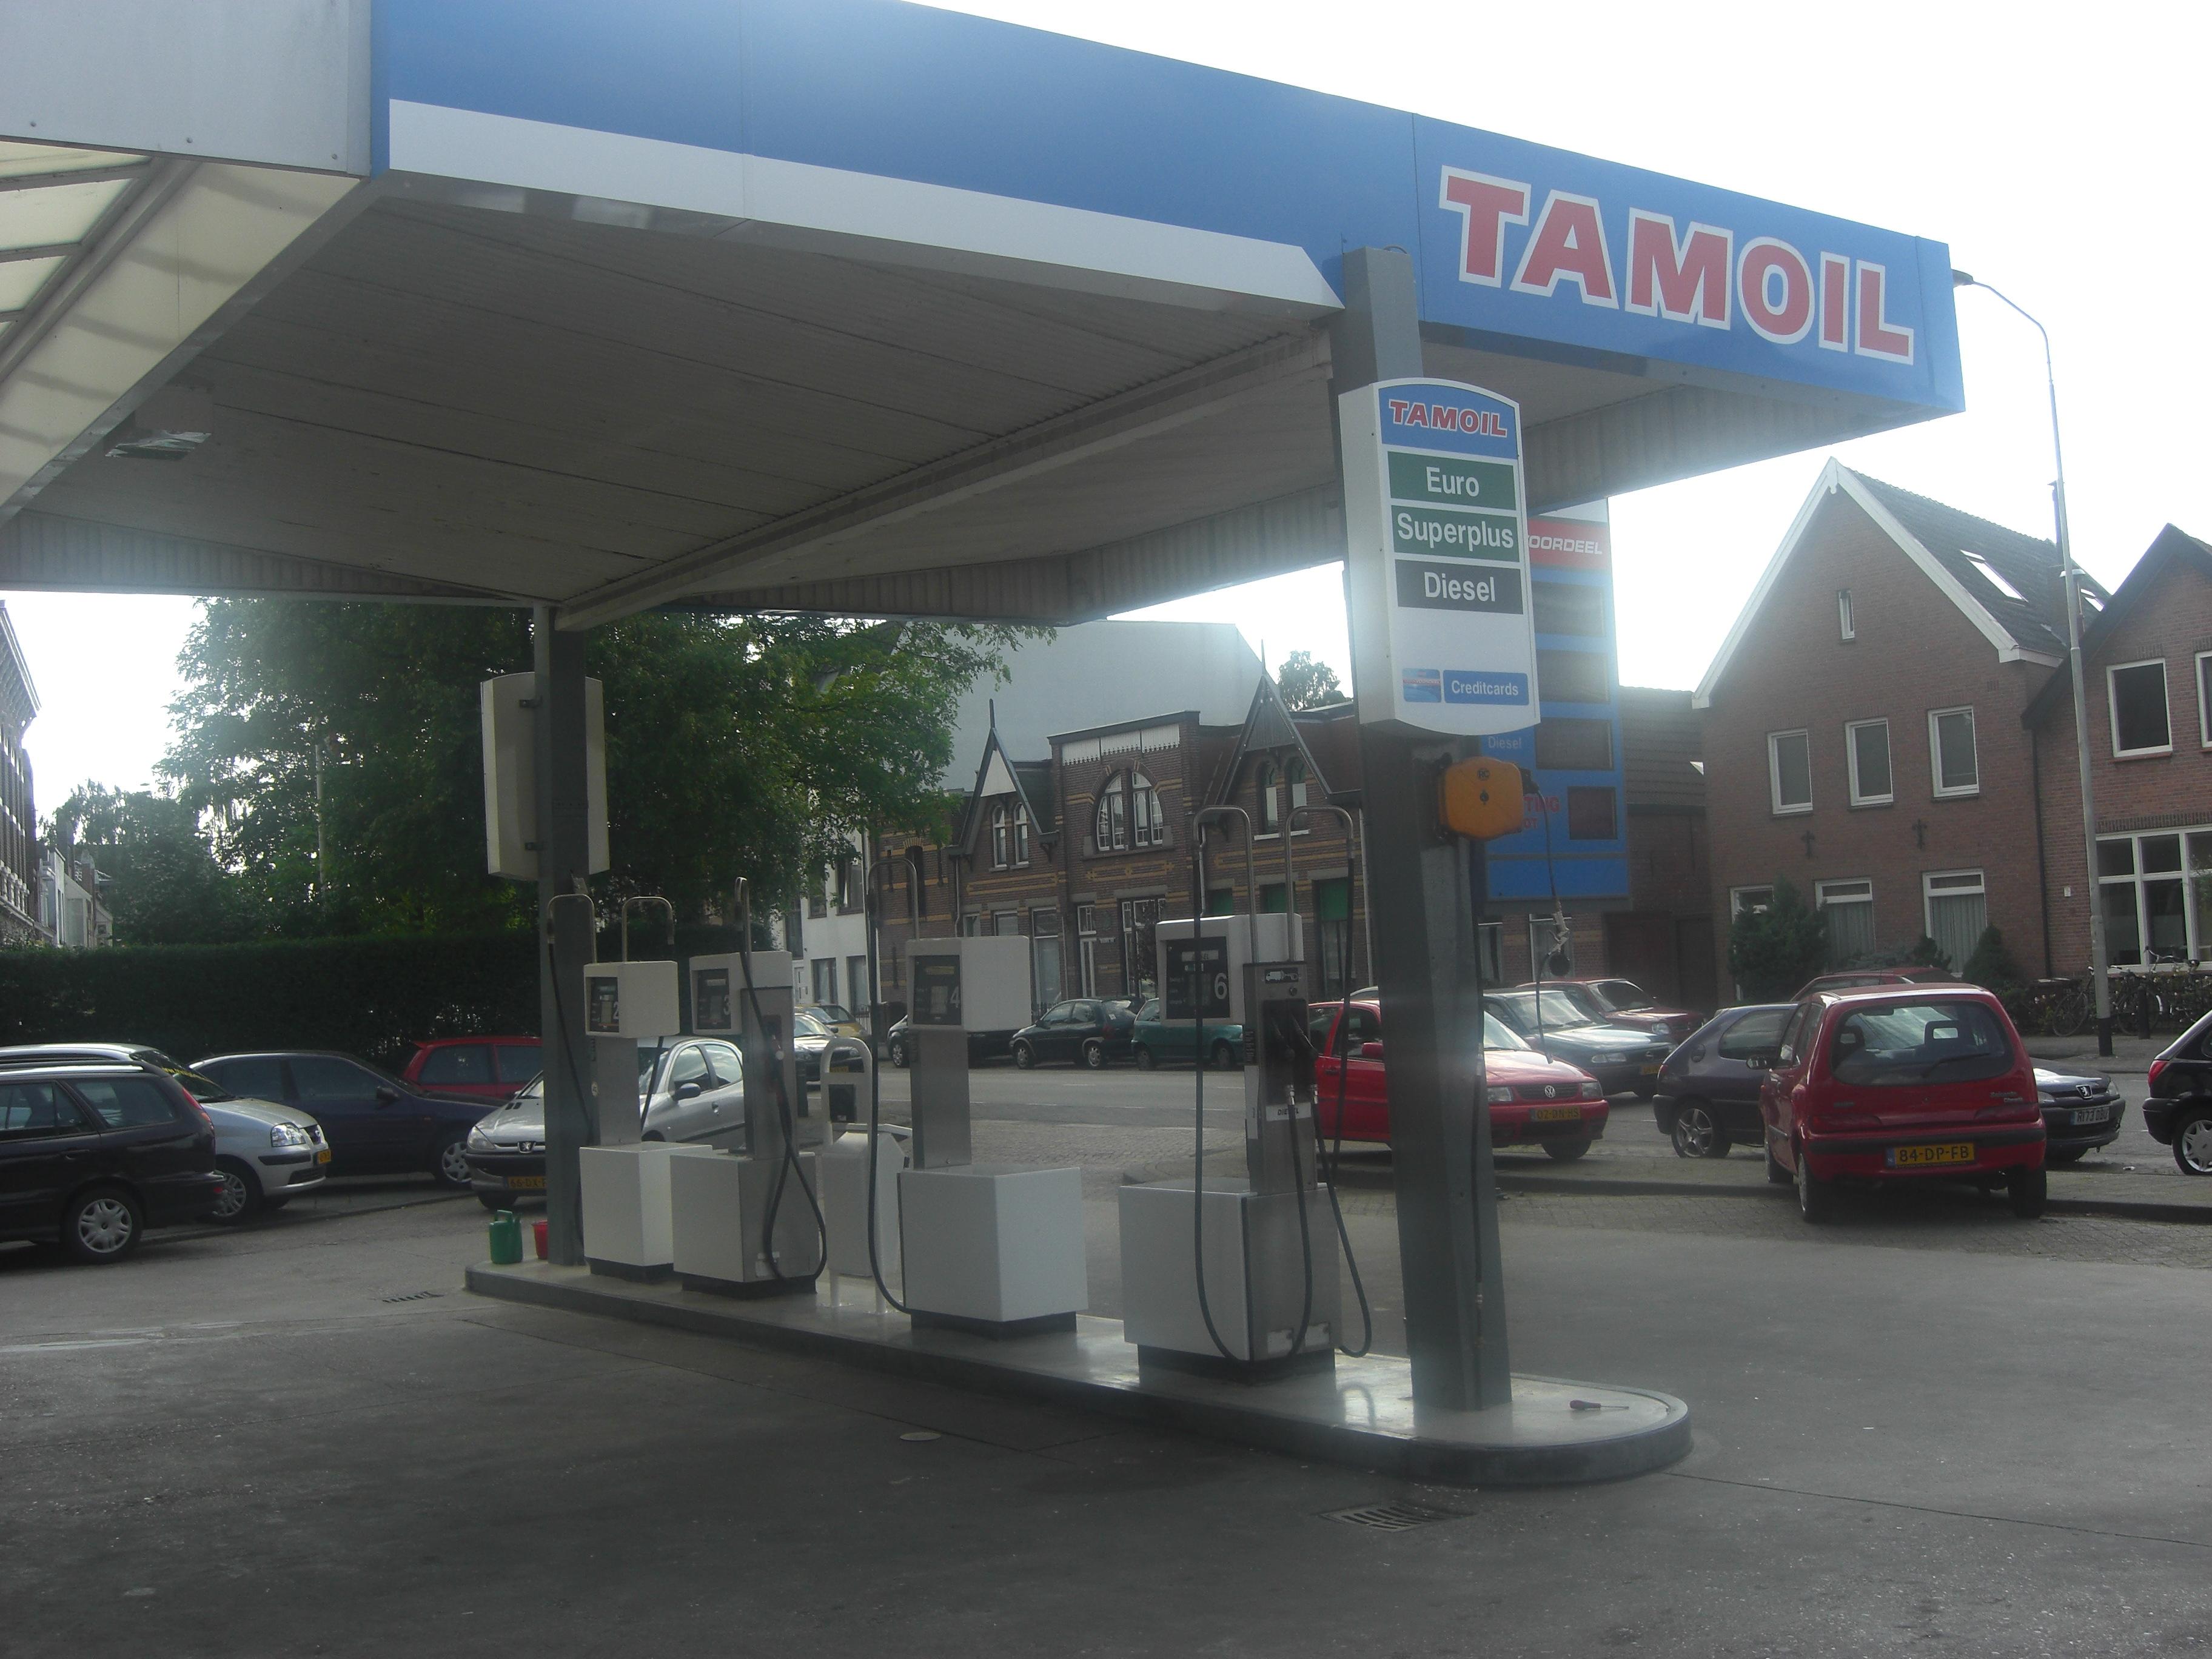 Tamoil Express Breda